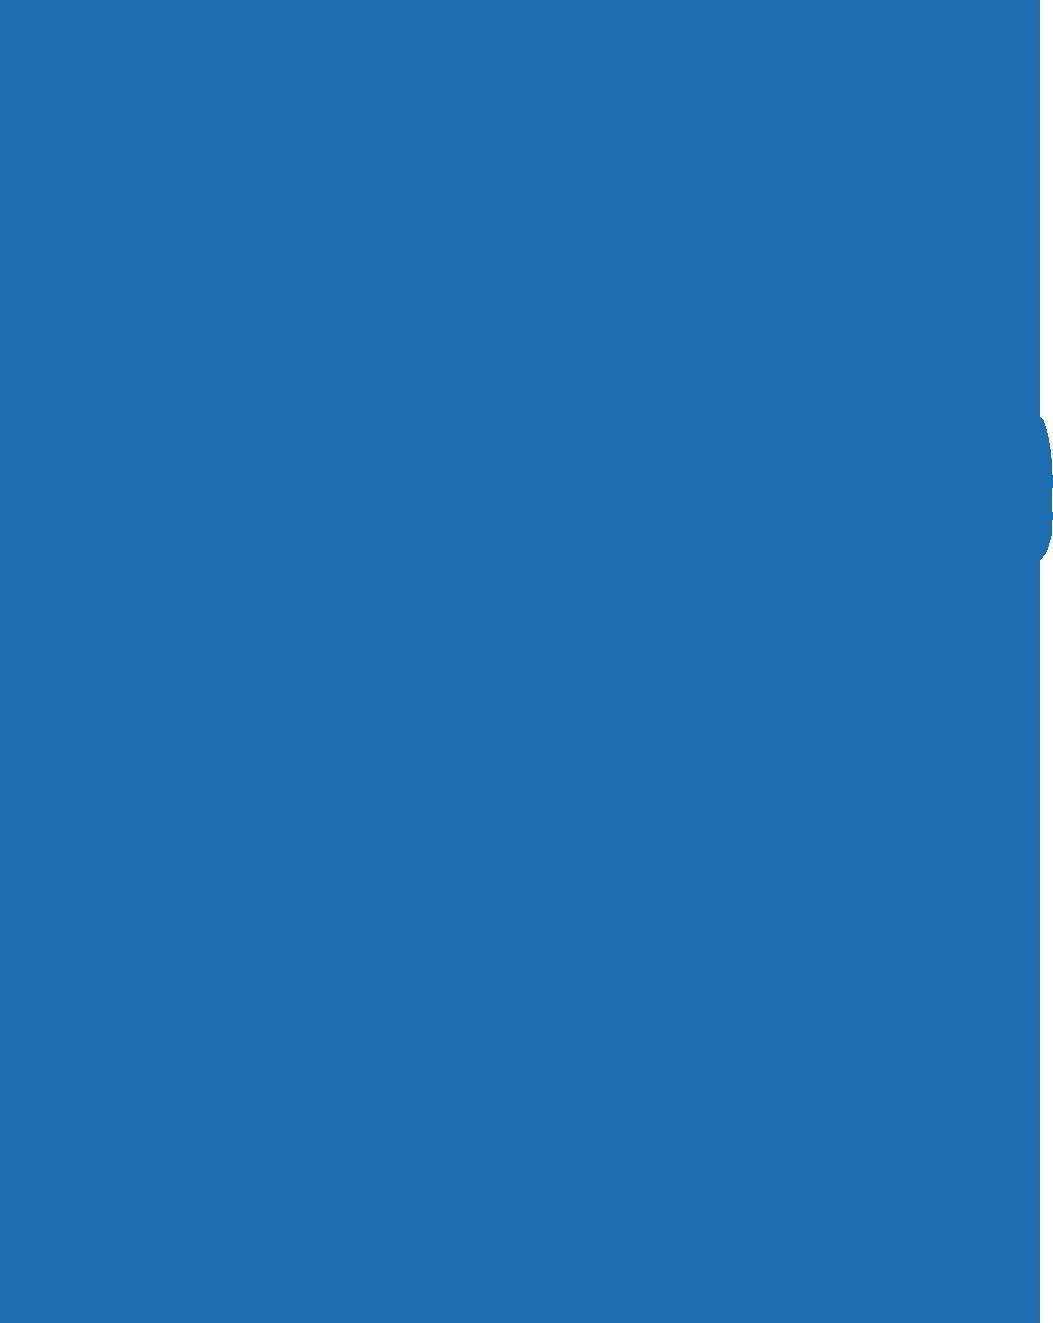 UMVMUN 2018 Logo (Transparent)